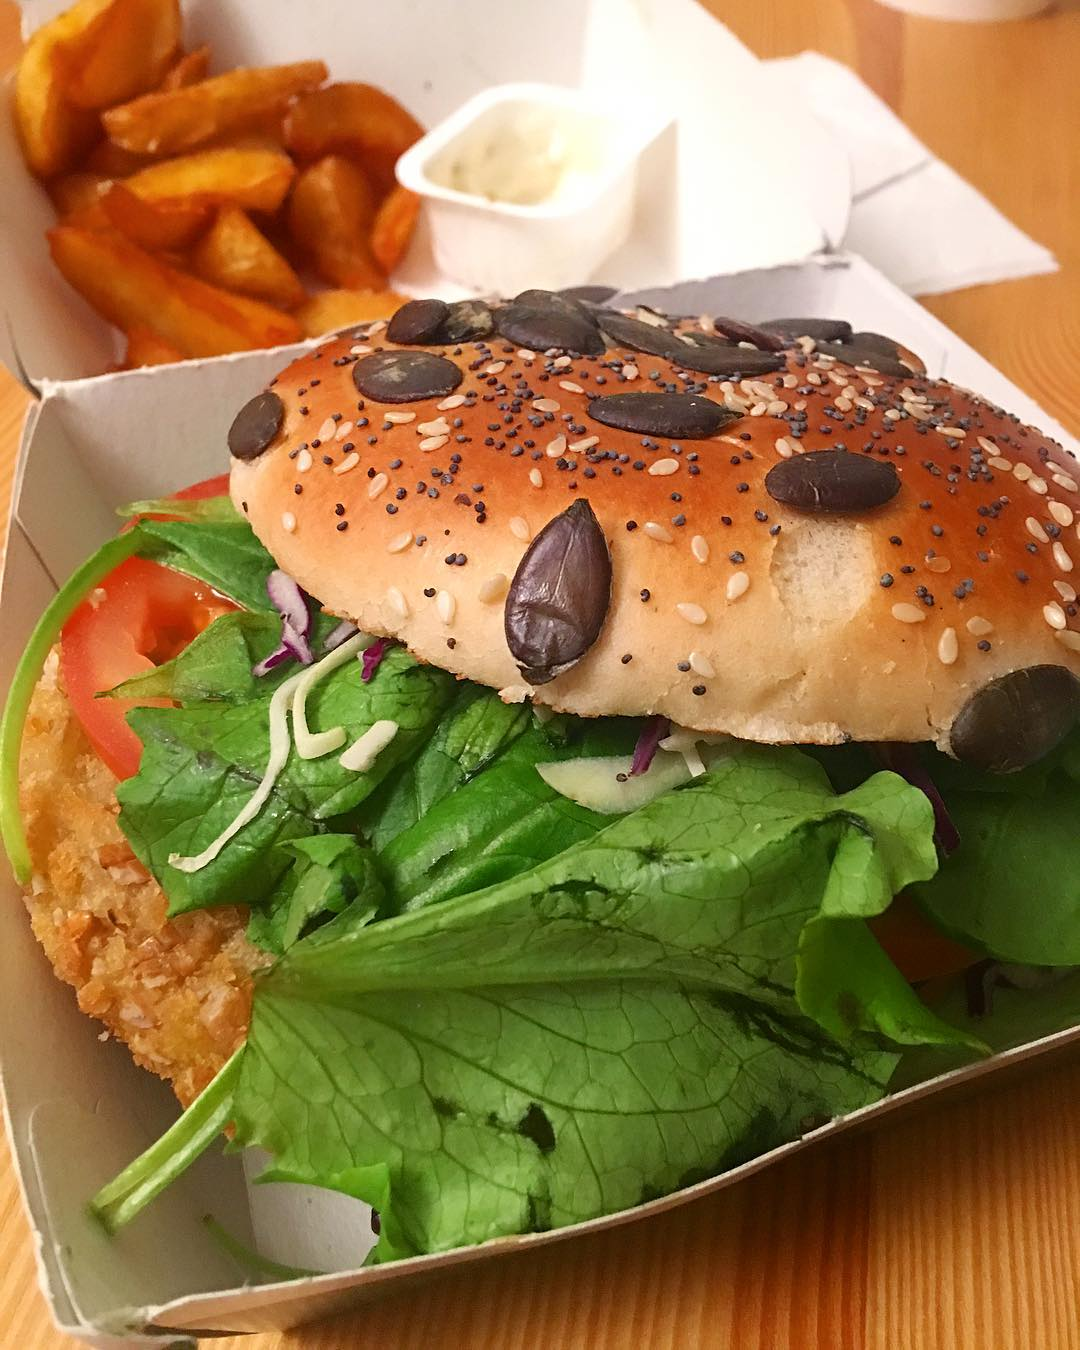 Le Grand Veggie est pas mal ✔️ . ? Une grosse galette de légumes et emmental  pré-mâchée... mais franchement il est «gros et fat» ... avec de la panure, des tomates, des feuilles de basilic, oignons, choux, graines de courges... le tout dans une sauce au Pesto rouge ??? . . 763 kcal contre 503 kcal du Big Mac ? . ➕ DÉFI VEGGIE . ? 5 jours + 1 pour faute ?? #Day6  _________________ #defiveggie #veggie #vegetarian #vegan #carrefourveggie #vegetarien #healthyfood #food #fooding #foodlover #blogfood #foodporn #foodography #pintademontpellier #montpellier #restaurant #macdonalds